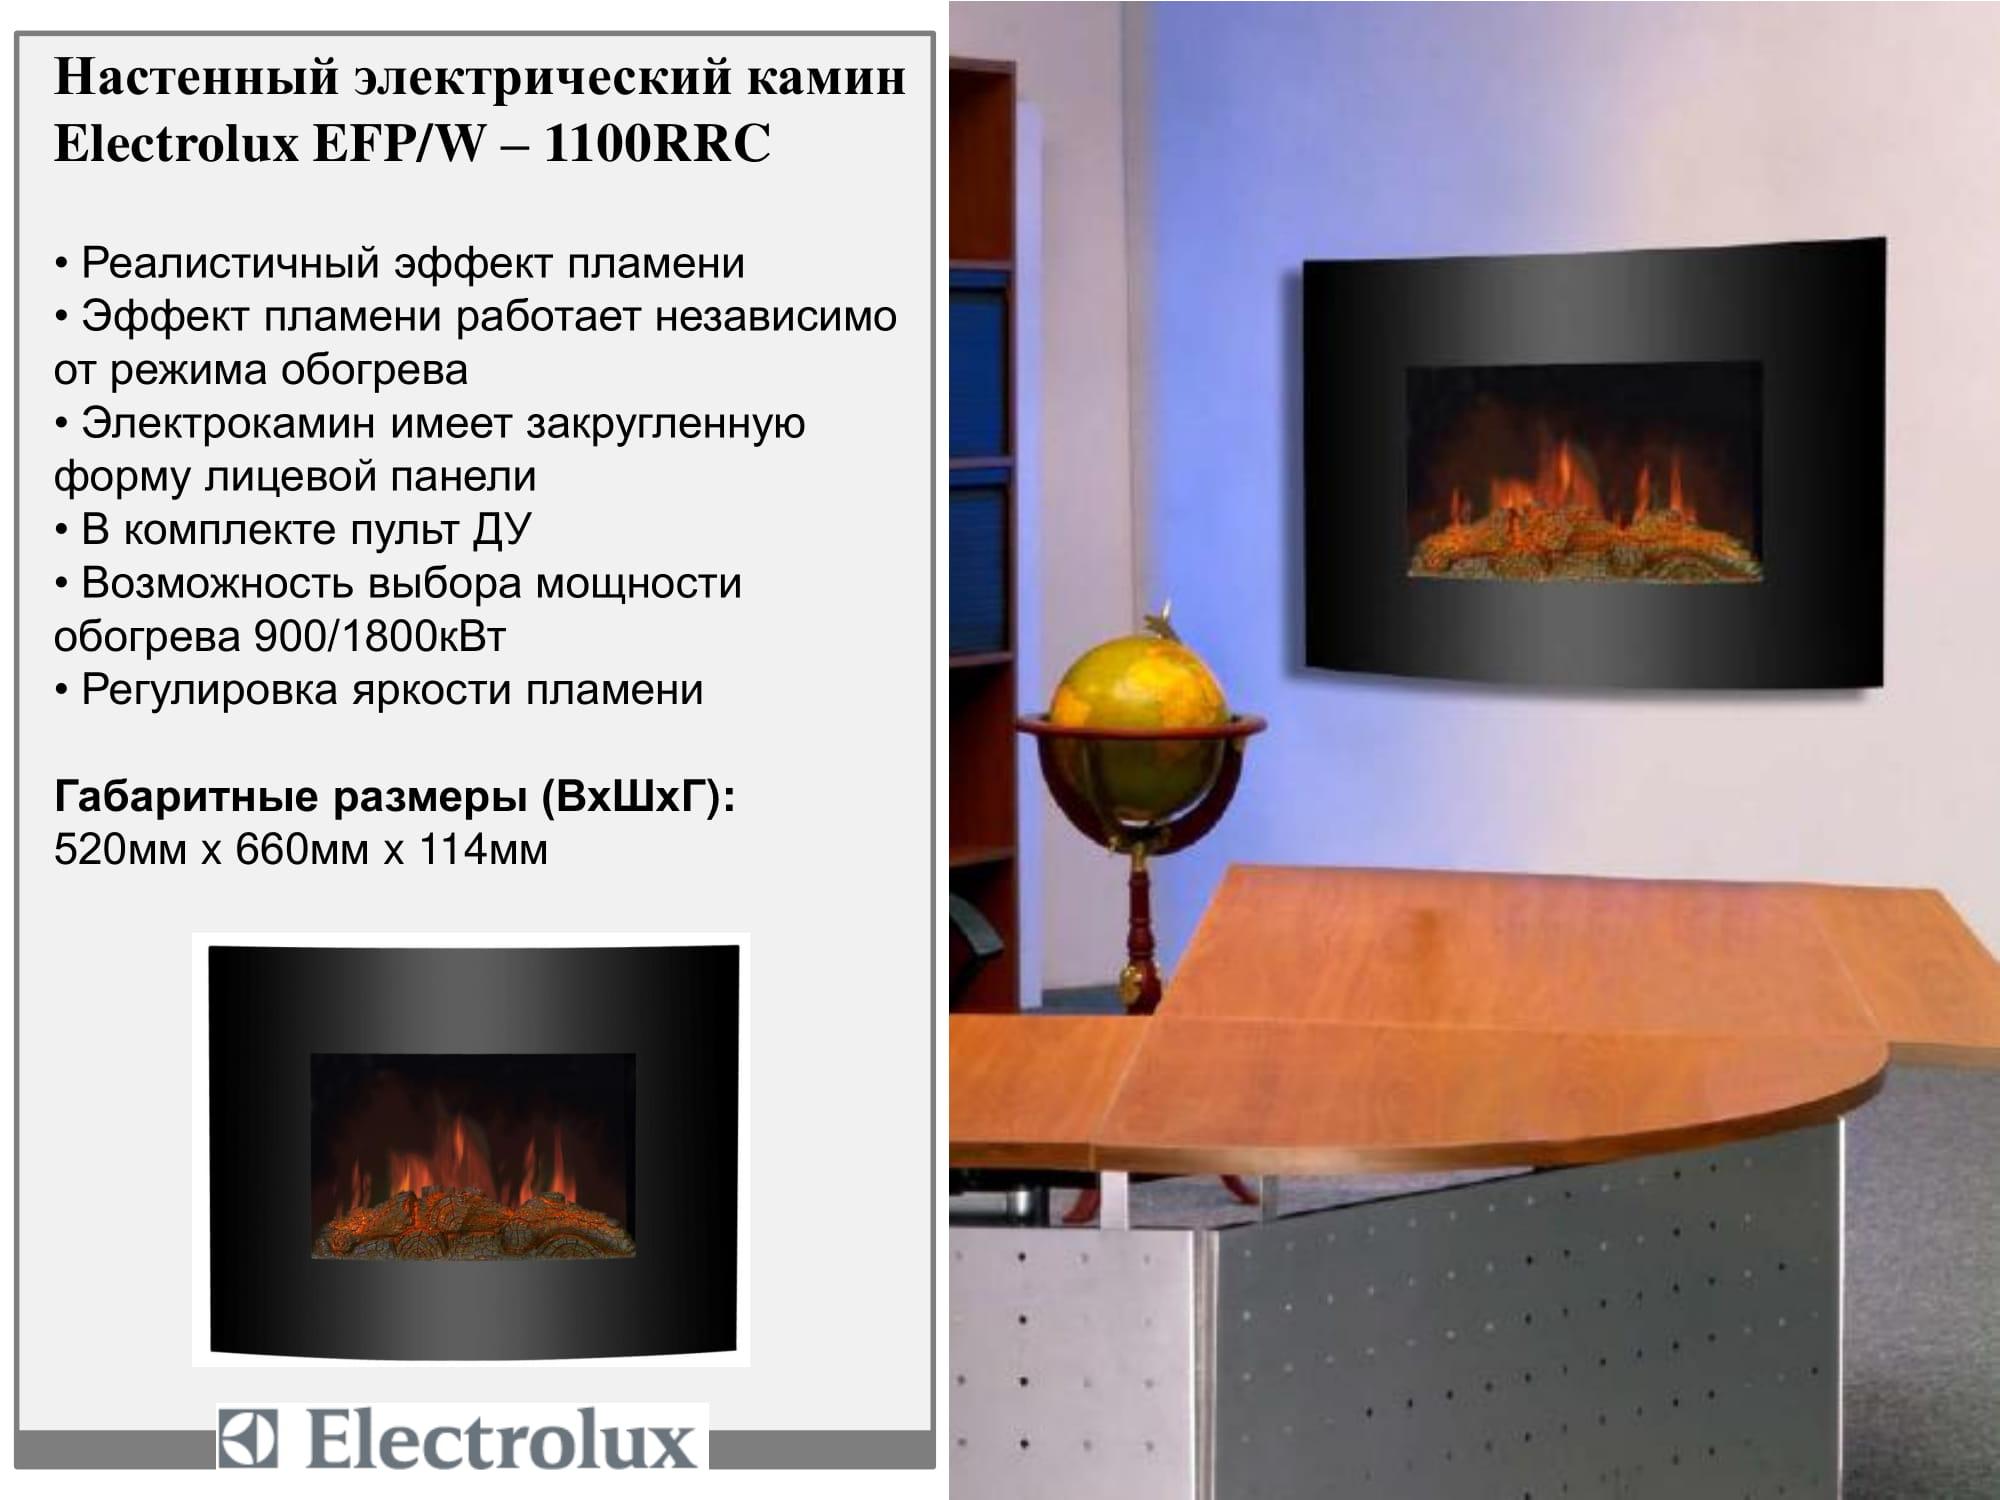 Electrolux EFP/W-1100RRC